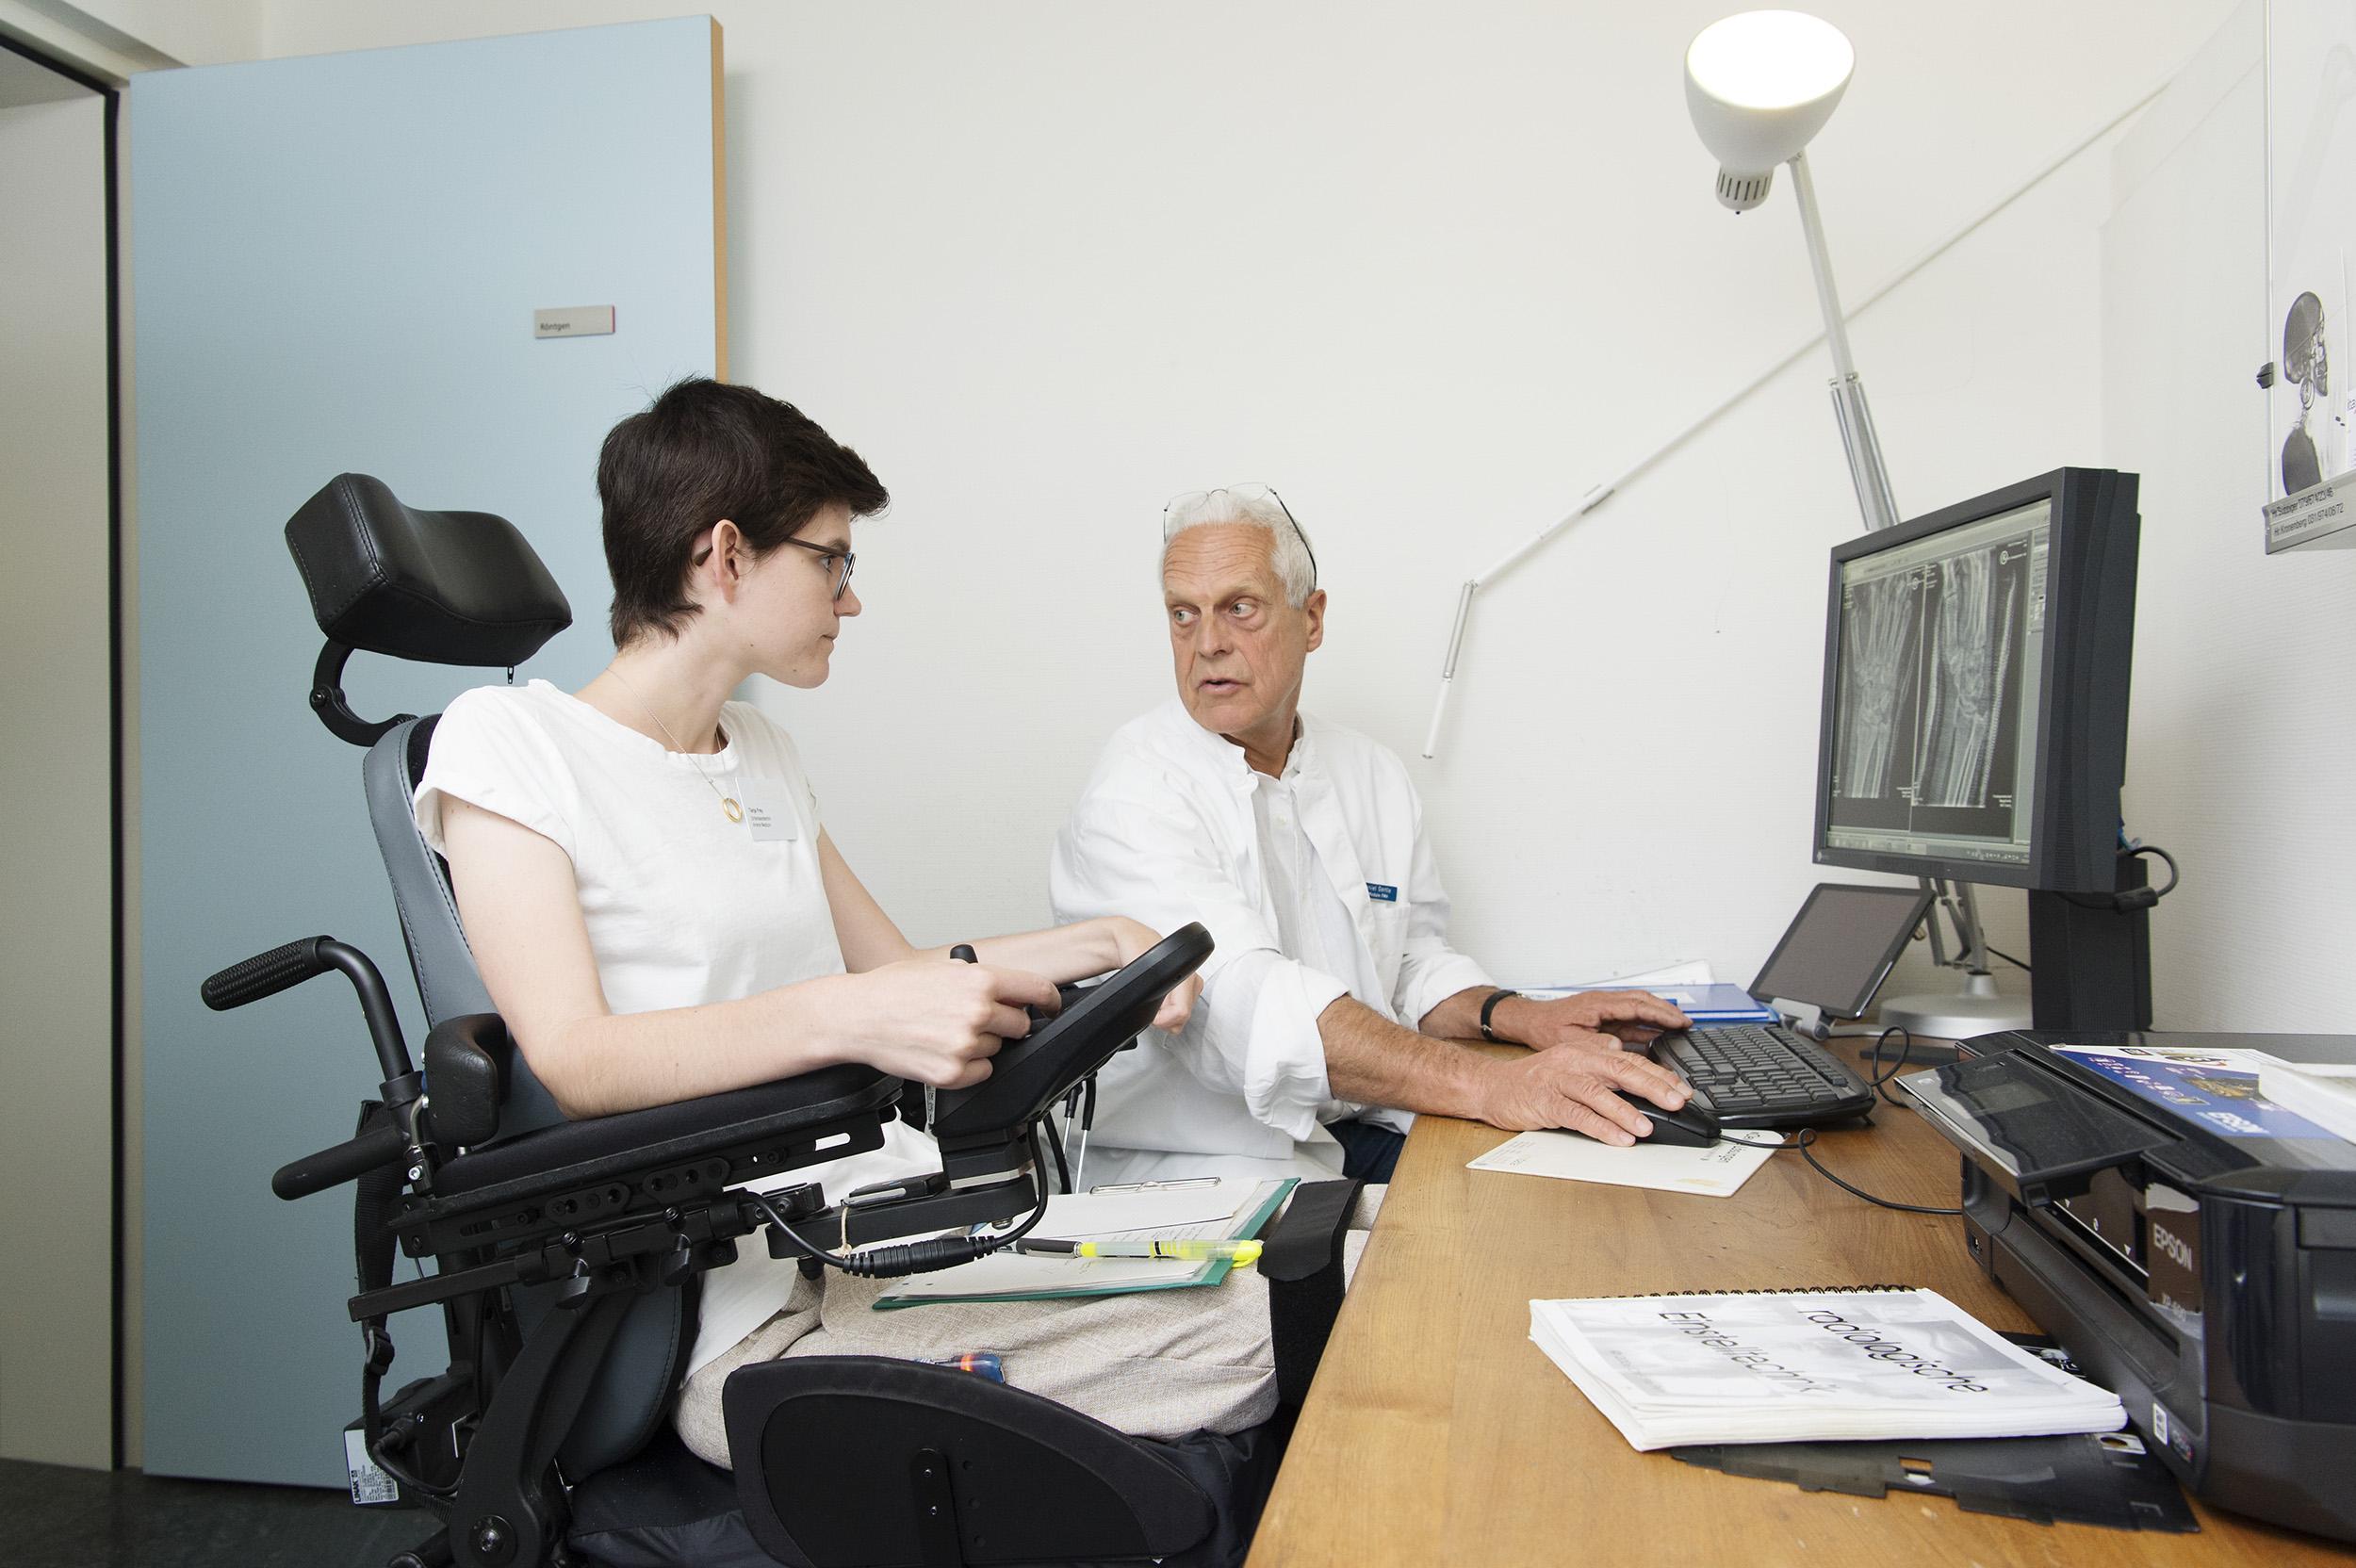 Dr. Oertle klärt einer Medizinstudentin seine Röntgendiagnostik.